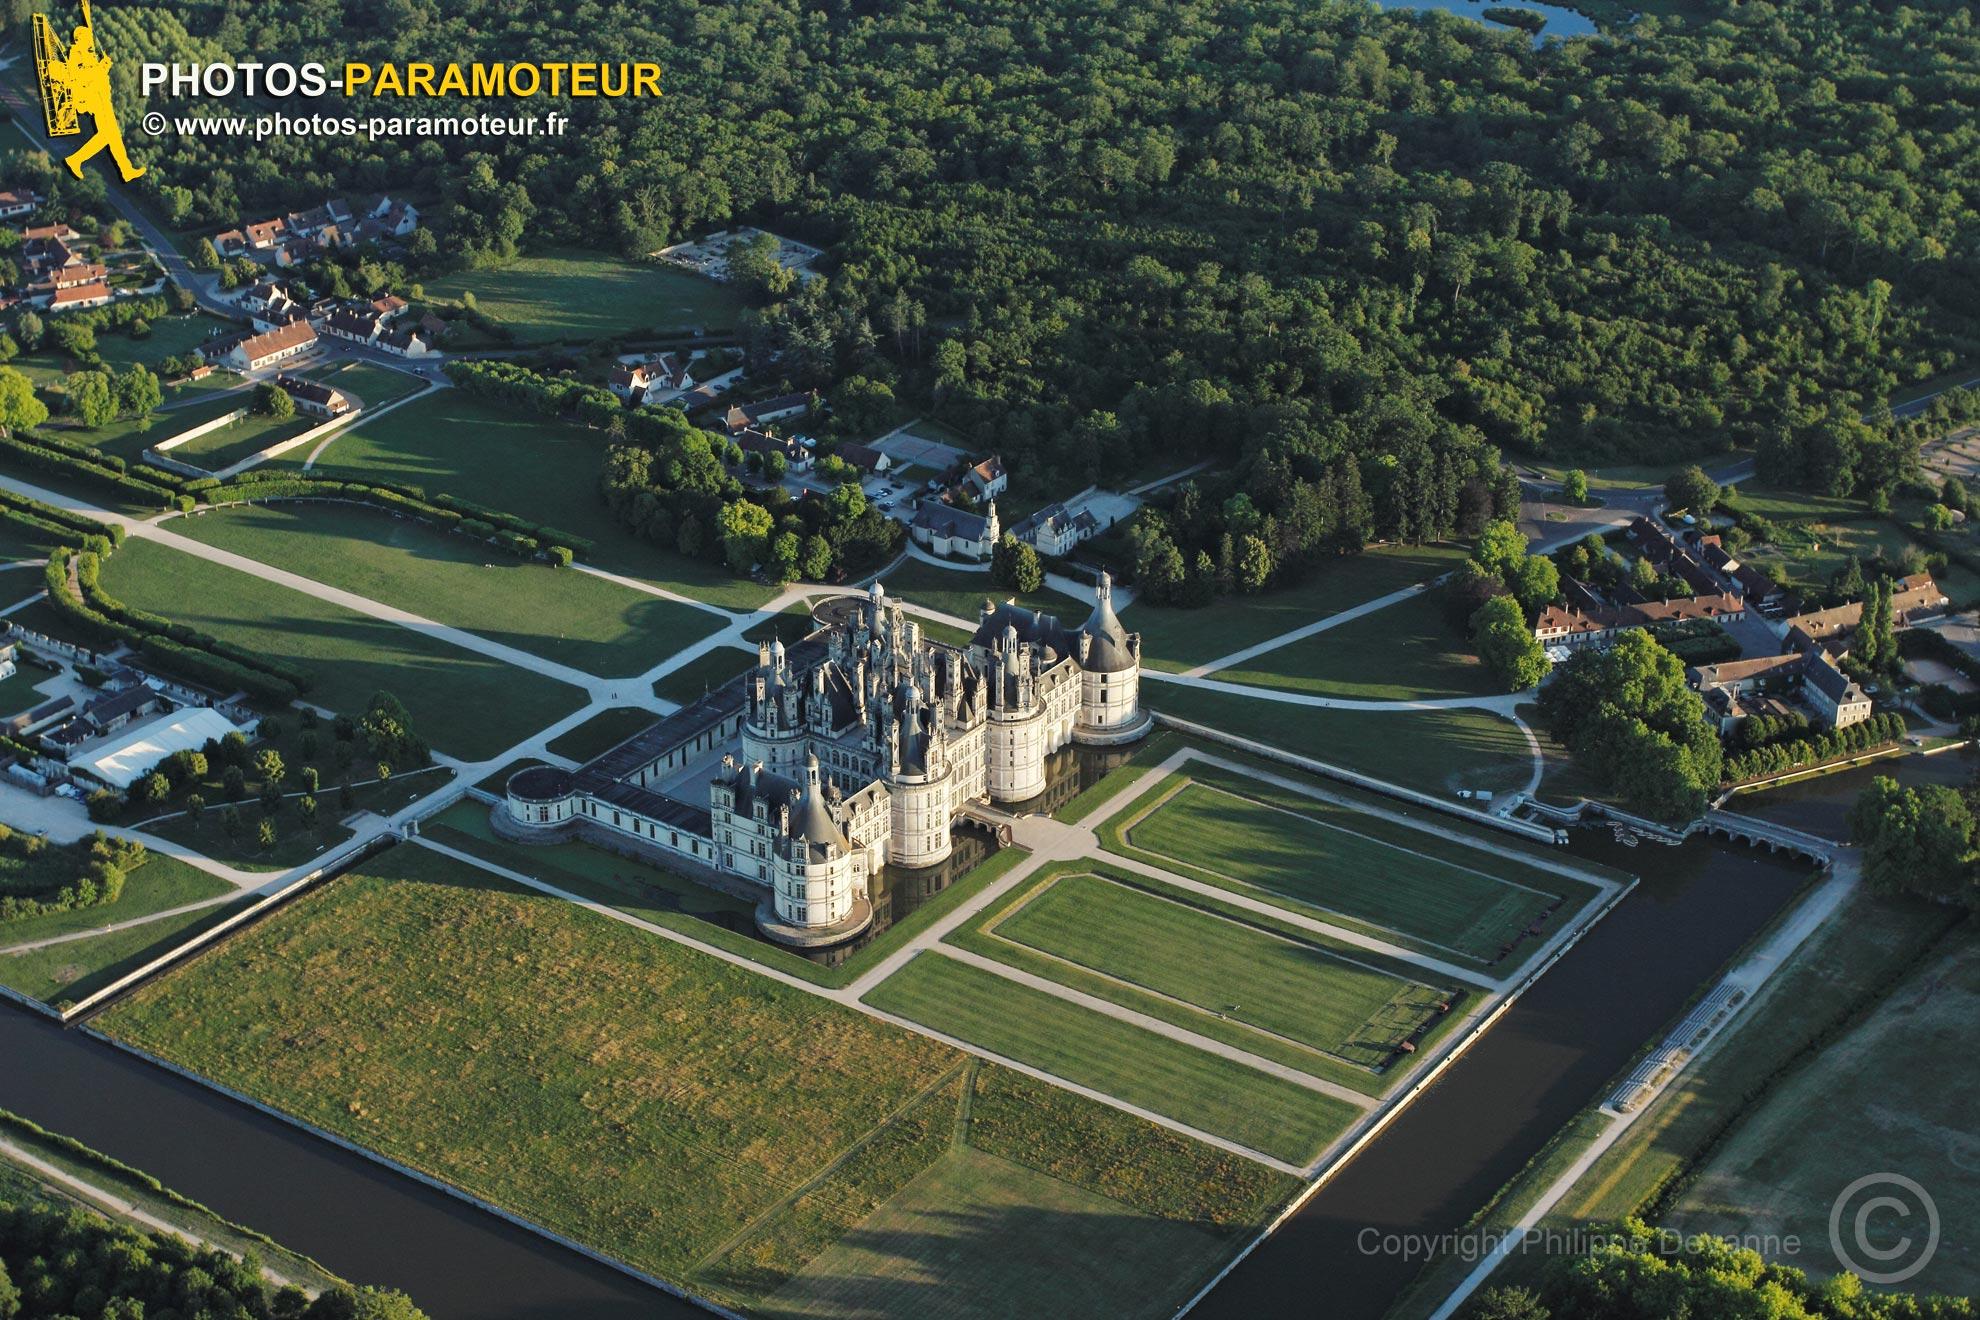 Chambord, France - 25 Juin 2011: Château de Chambord vu du ciel